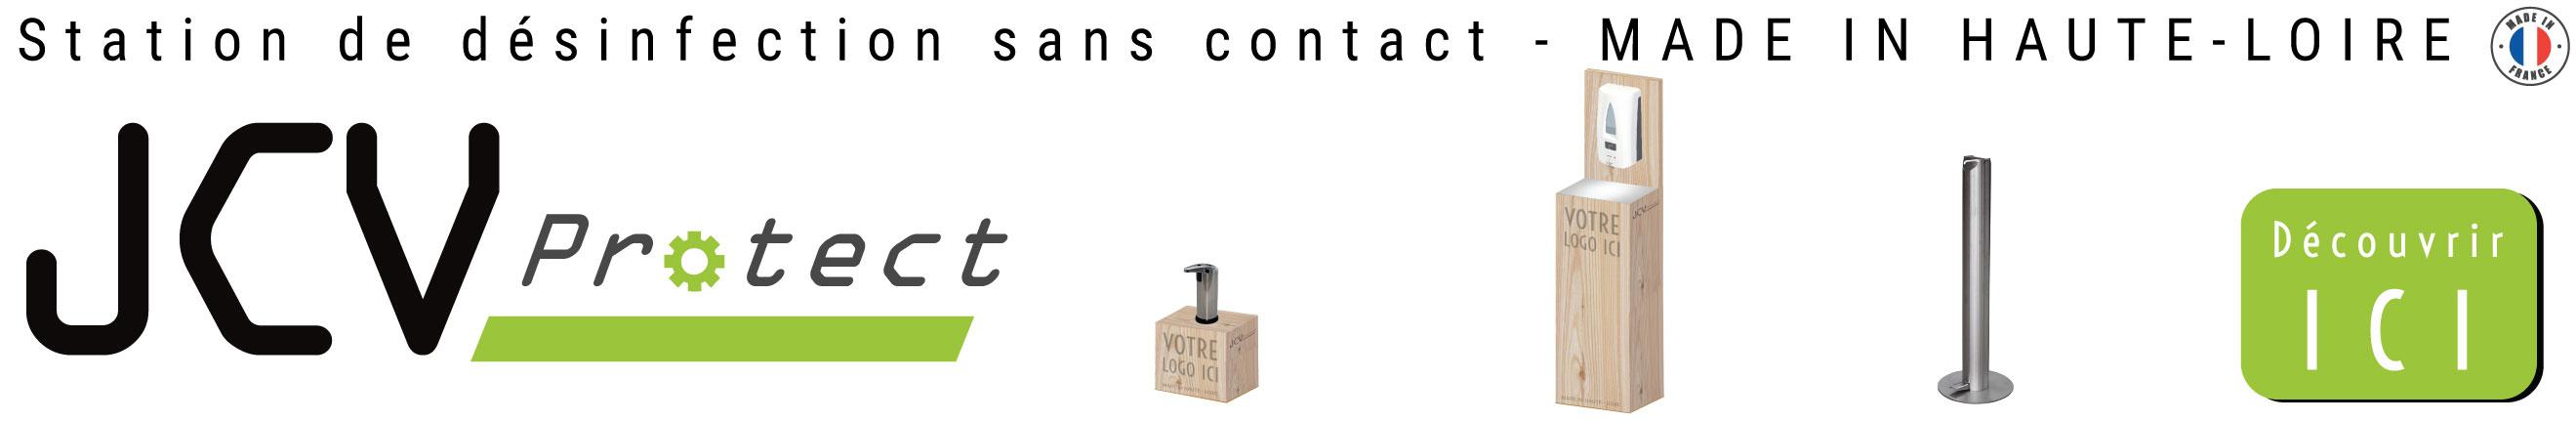 Coque en bois JCV Protect borne mai 2020